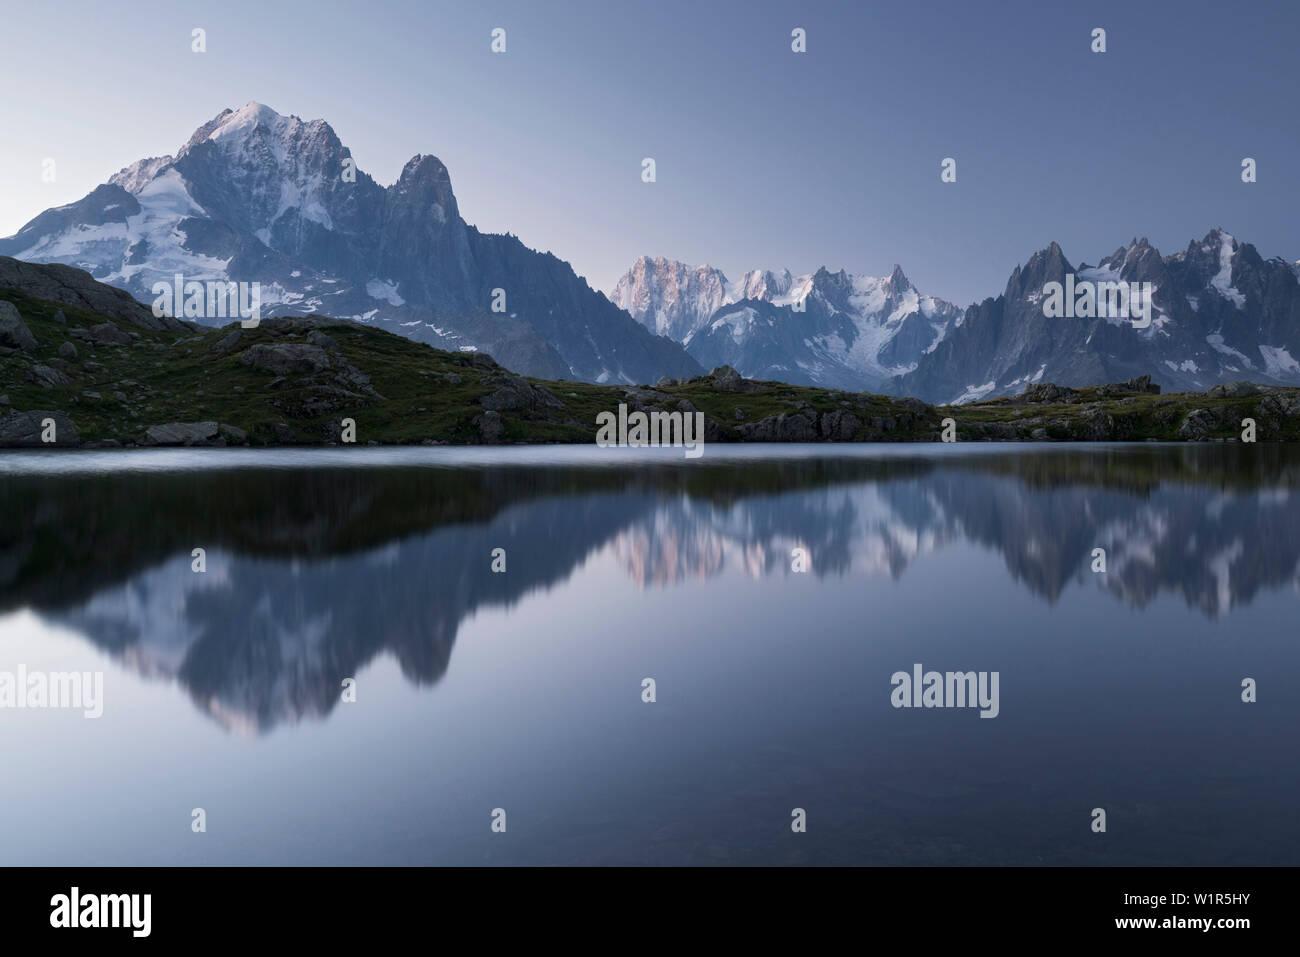 Lac de Cheserys, Aiguille Verte, Grandes Jorasses, Aiguille du Grépon, Aiguille du Plan, Haute-Savoie, France - Stock Image